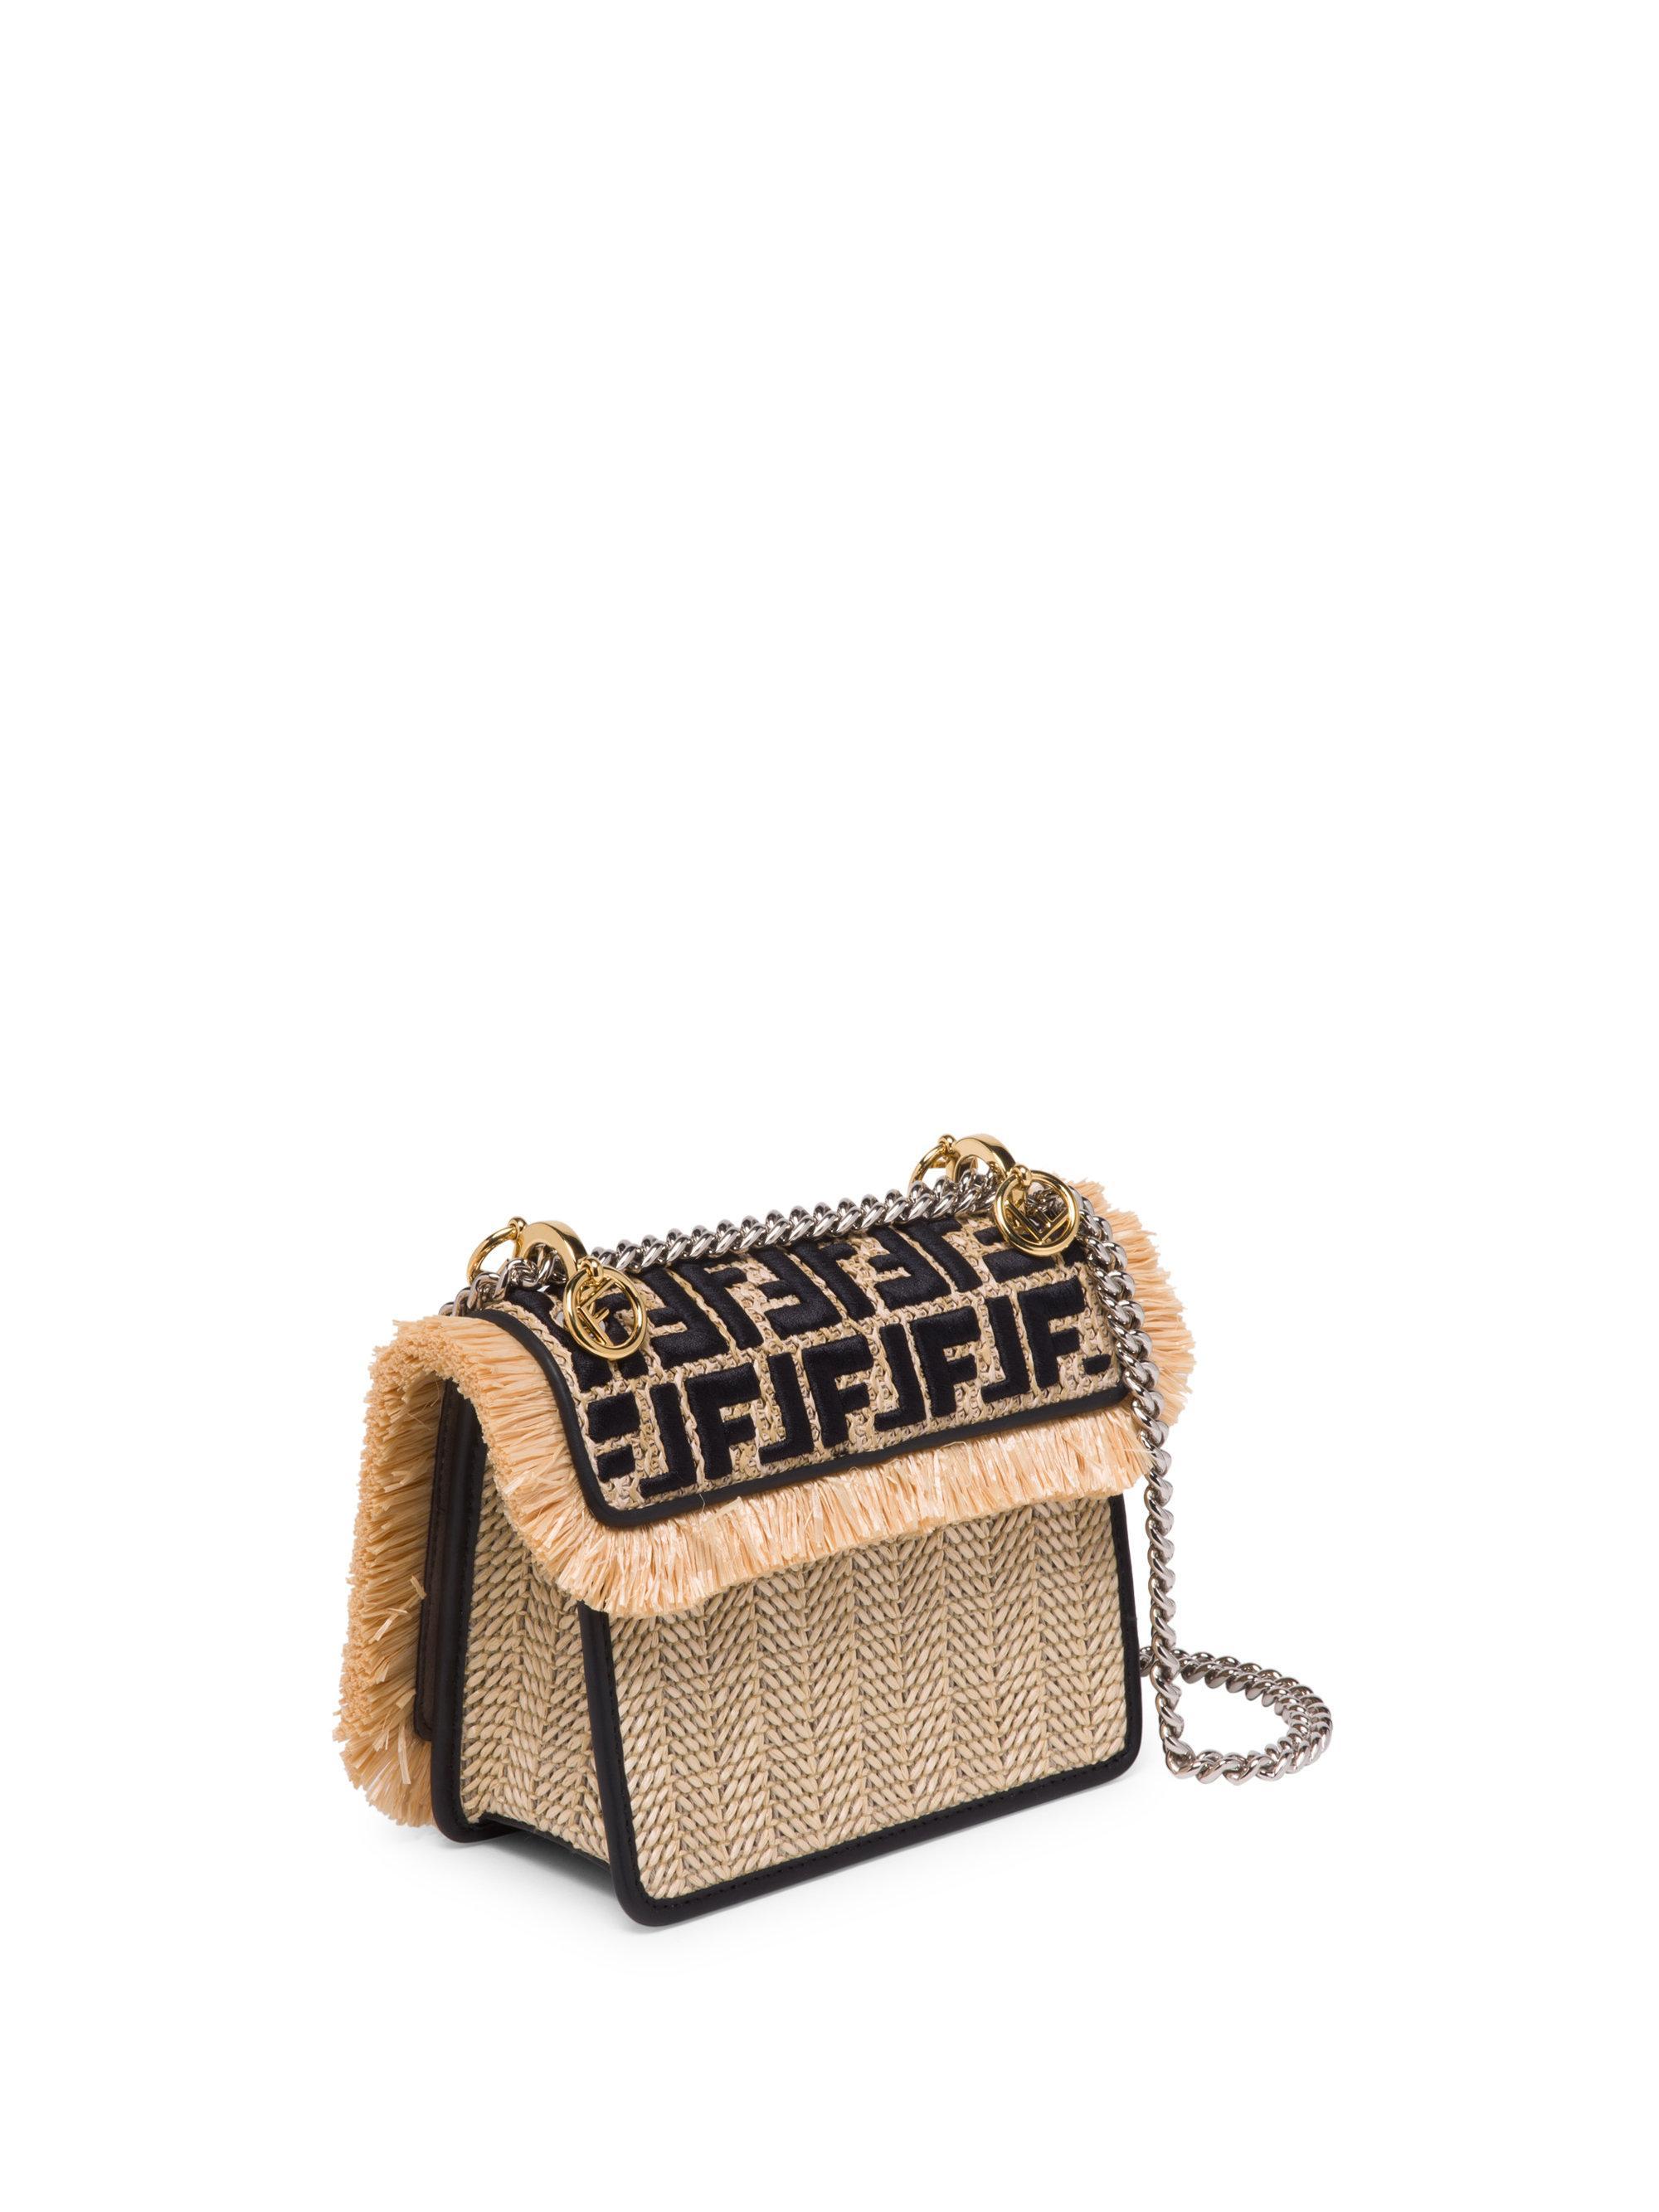 991f3b334f Fendi Small Kan I Chain Strap Raffia Bag in Black - Lyst